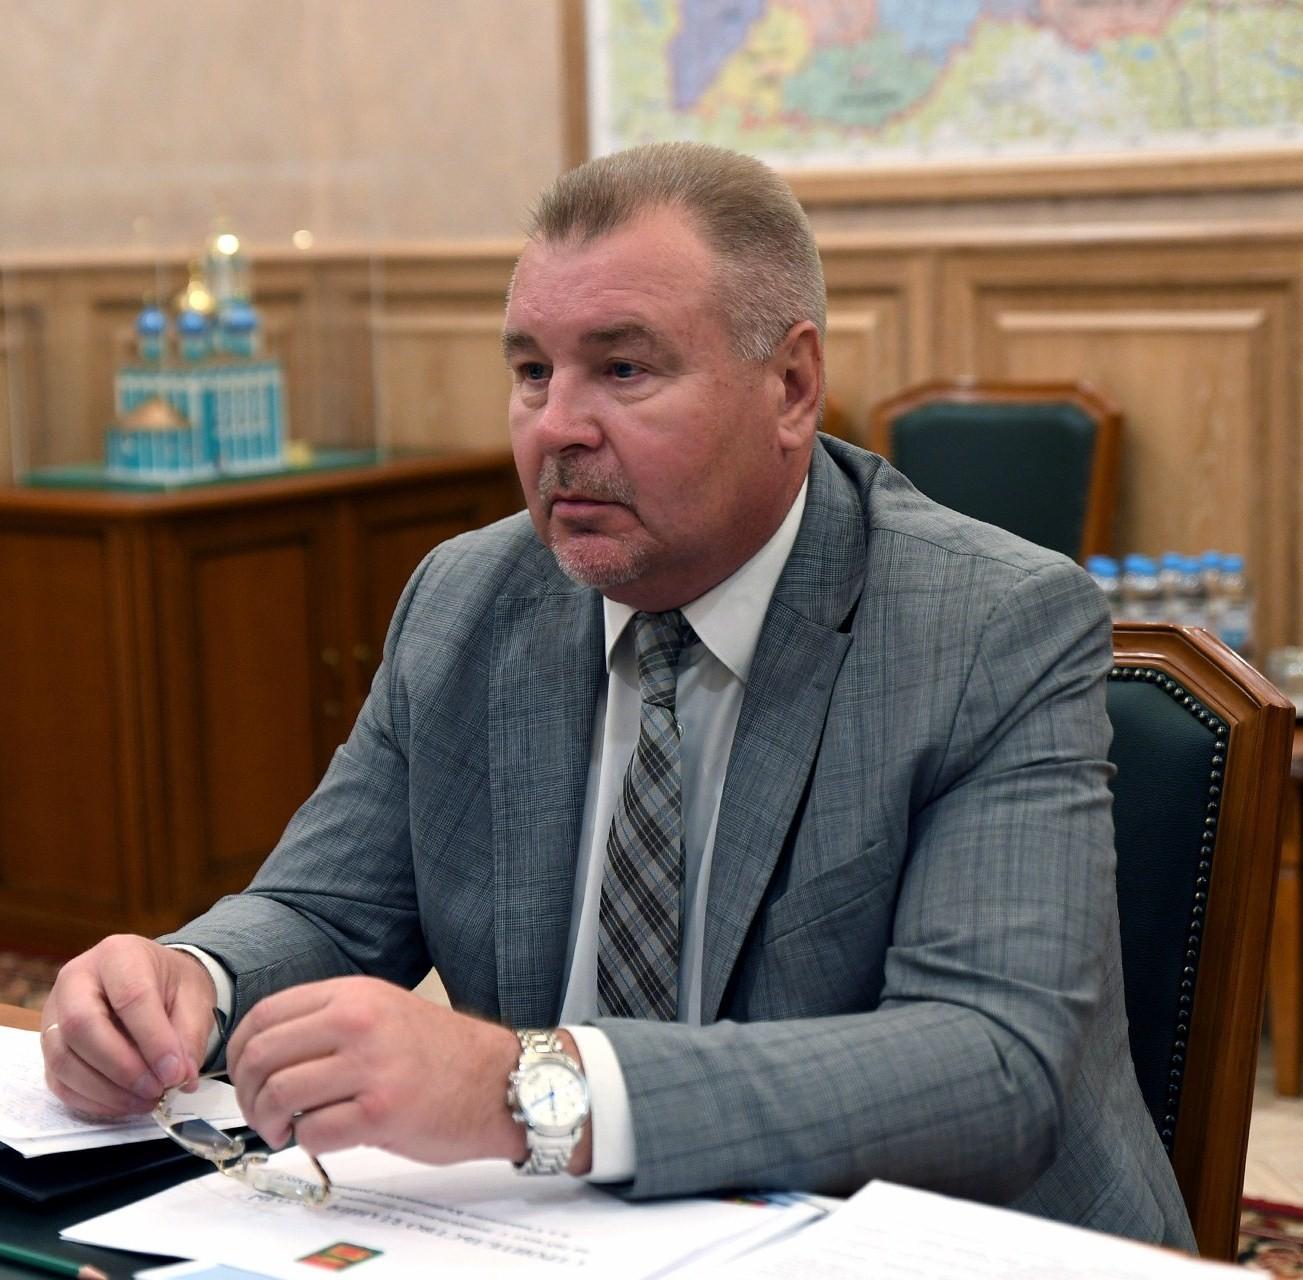 Андрей Зайцев: Мы обеими руками за централизованный общественный транспорт и против «сумасшедших» маршруток